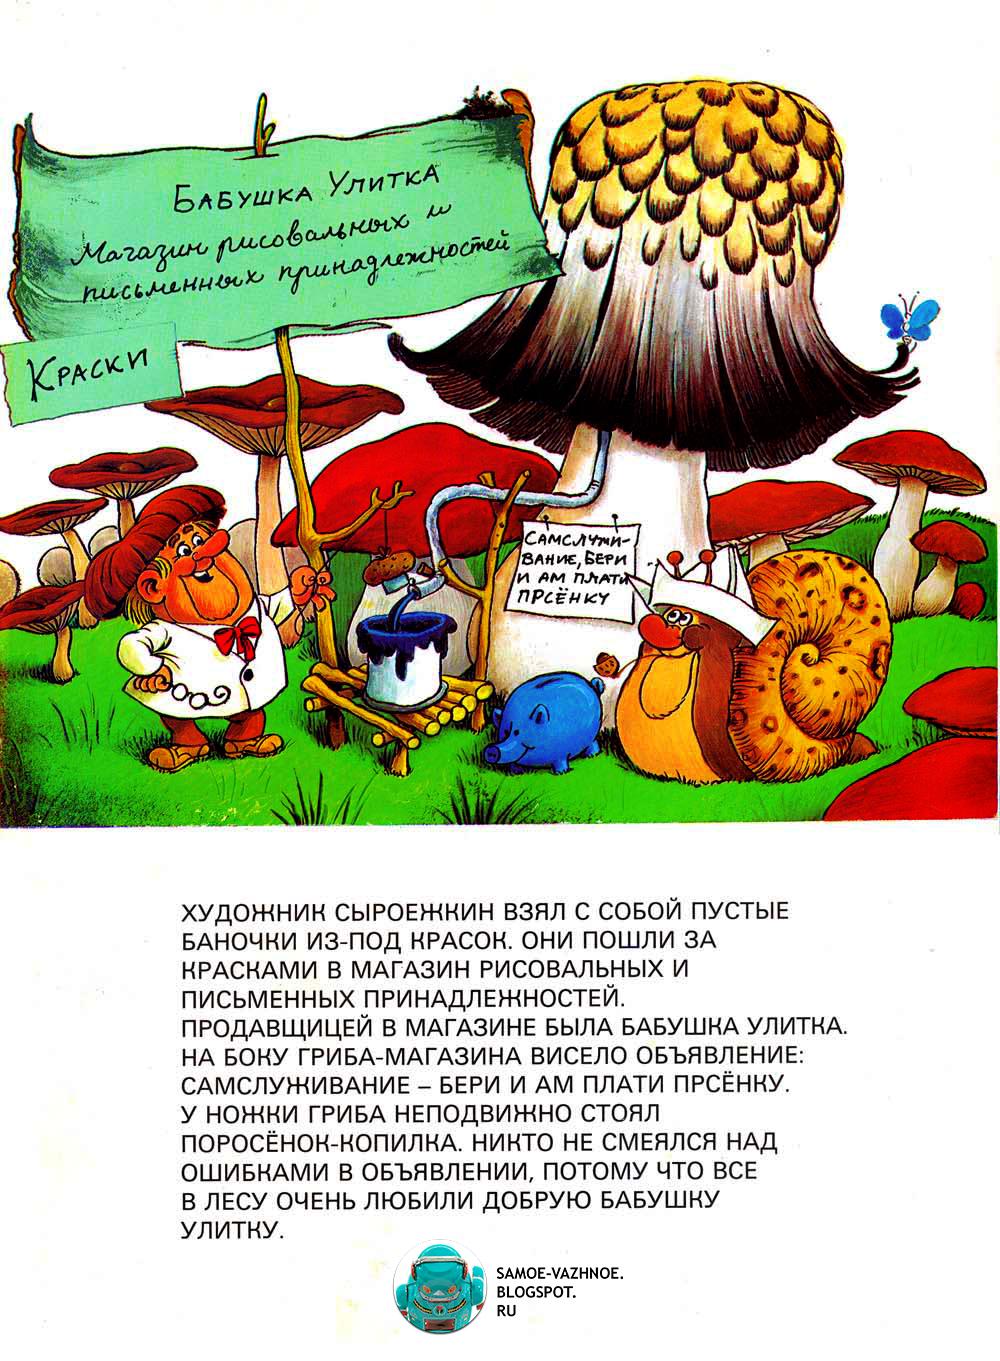 Уско Лаукканен скачать. Бельчонок Рыжик. Книга детская художник живёт в грибе